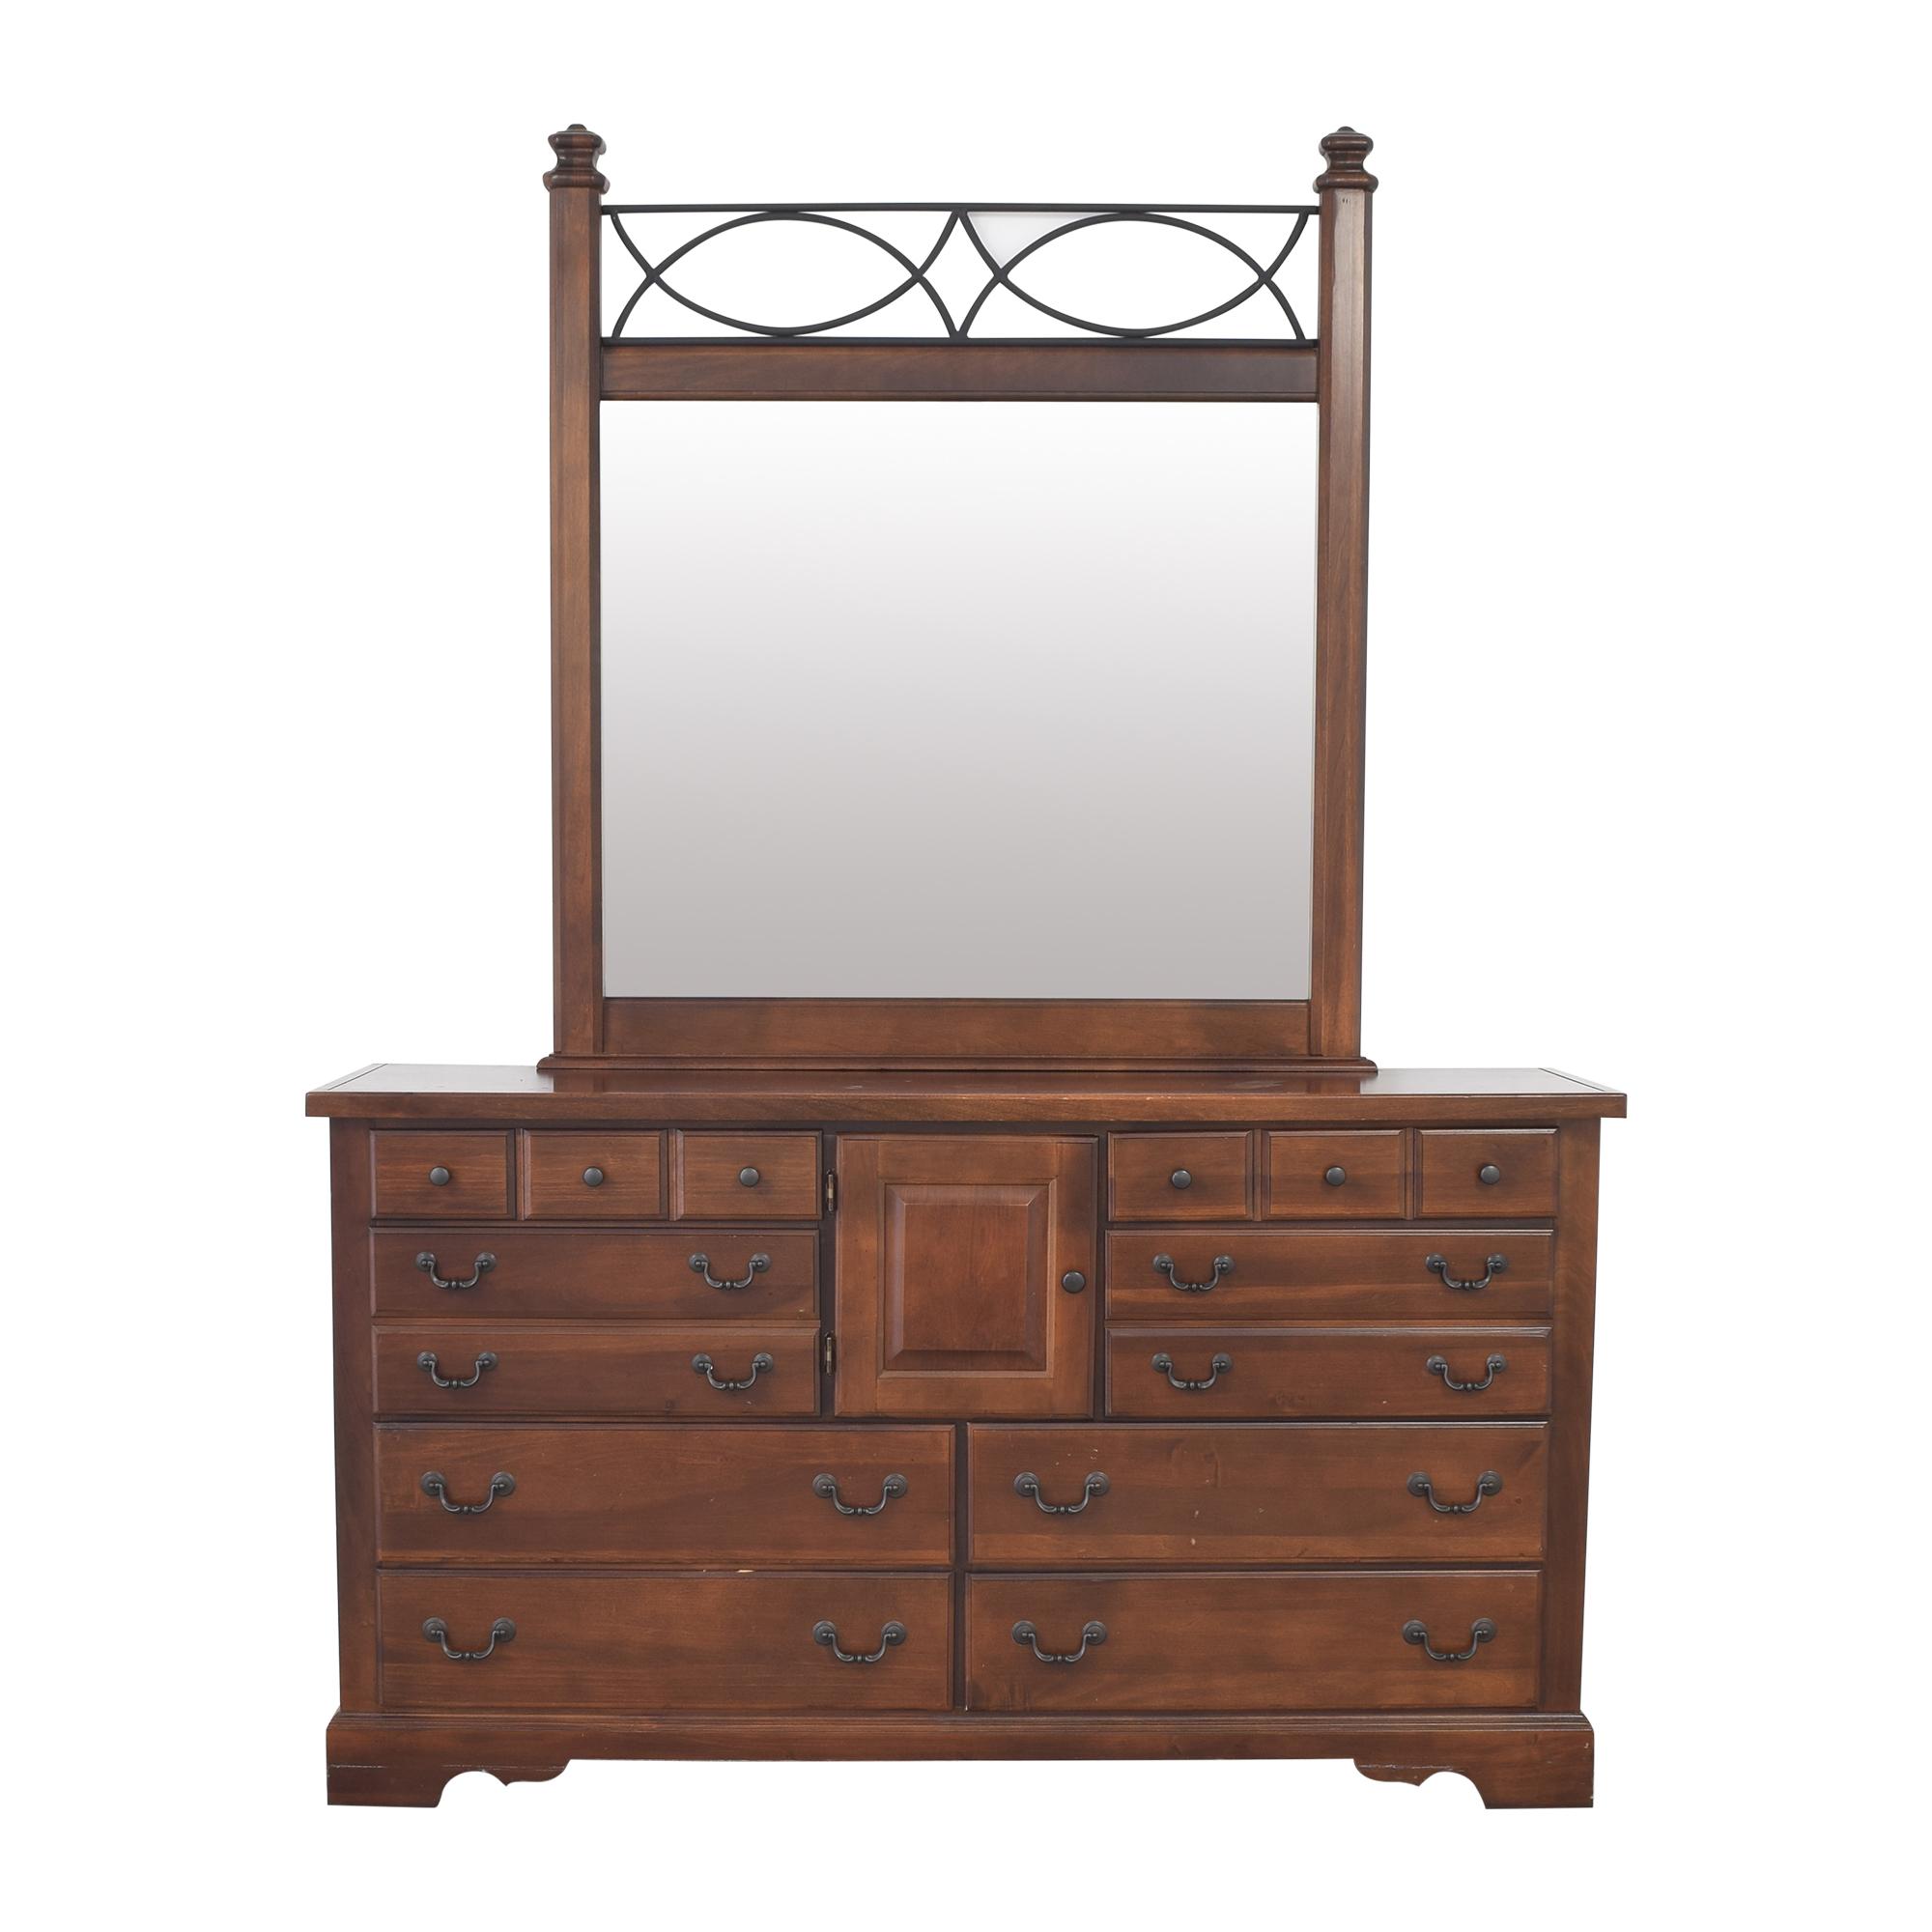 Vaughan-Bassett Vaughan-Bassett Dresser with Mirror discount